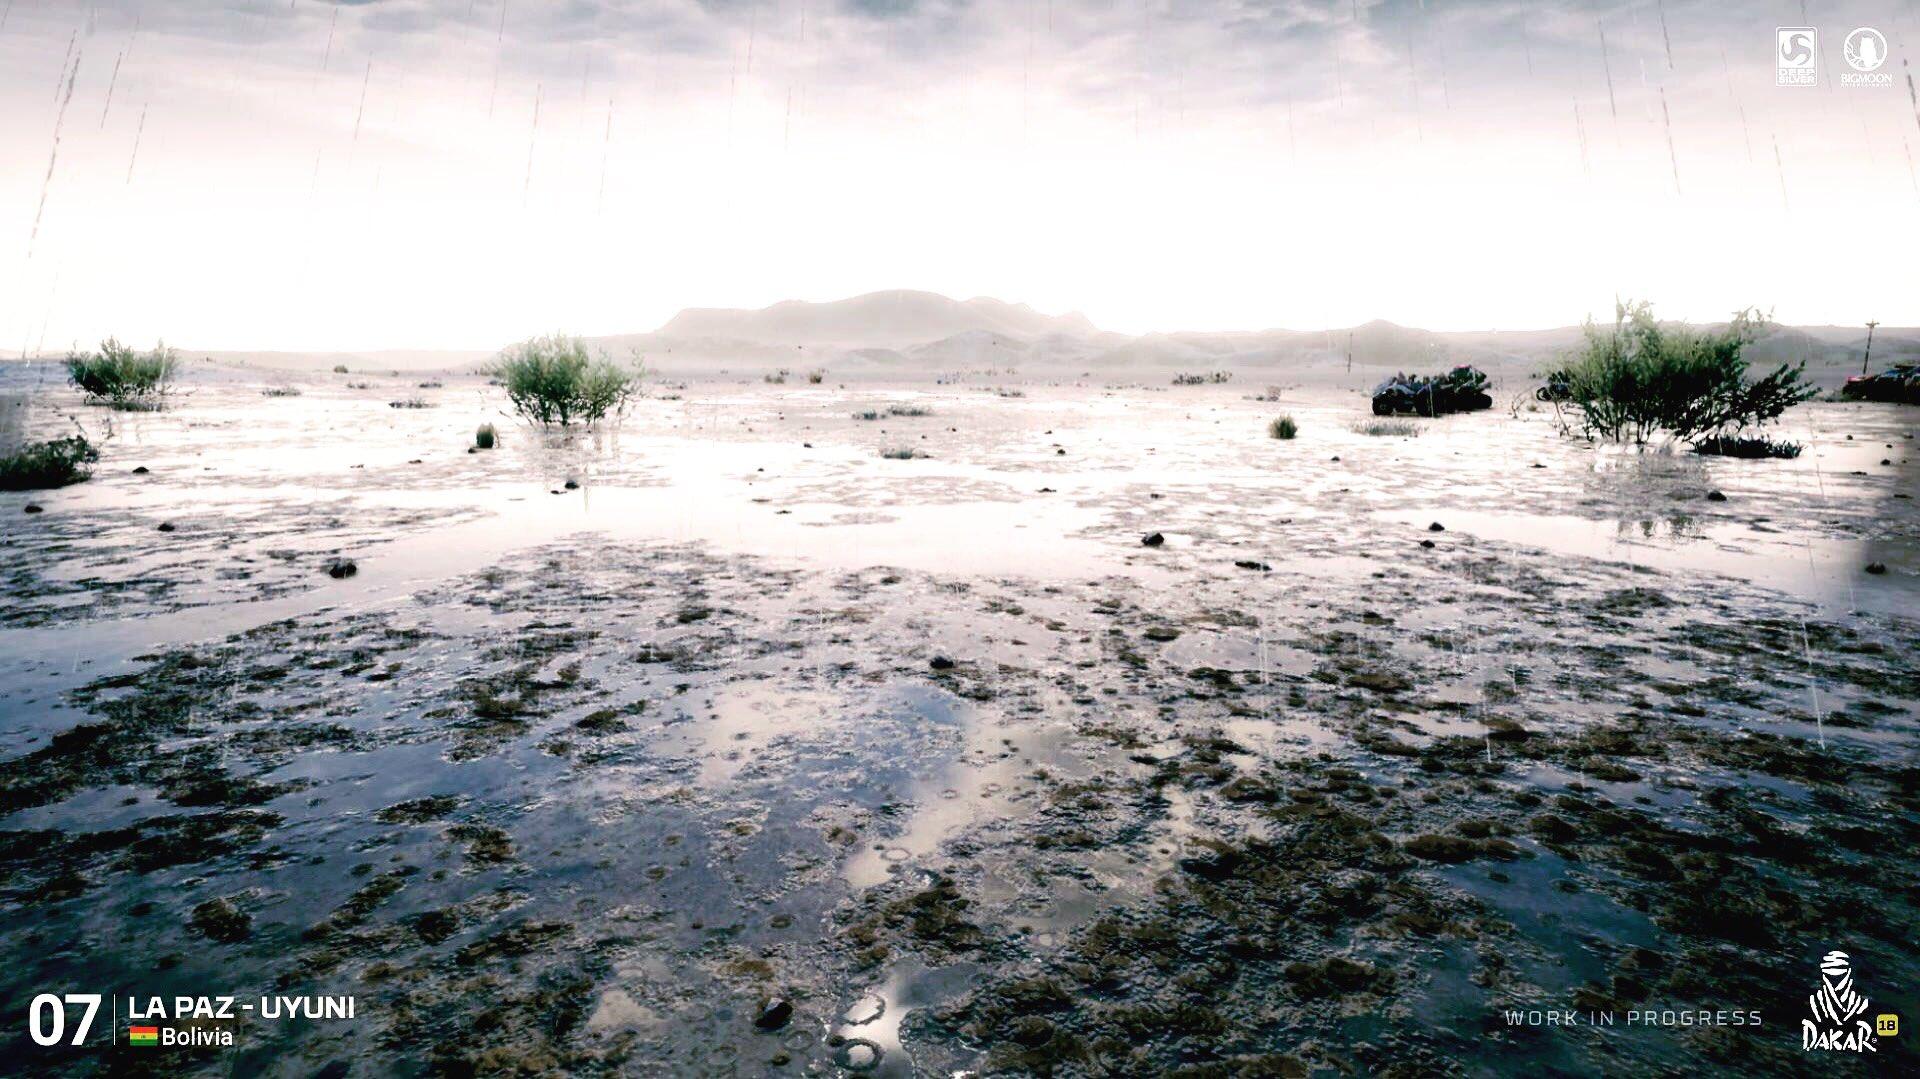 Dakar 18 environment preview 9